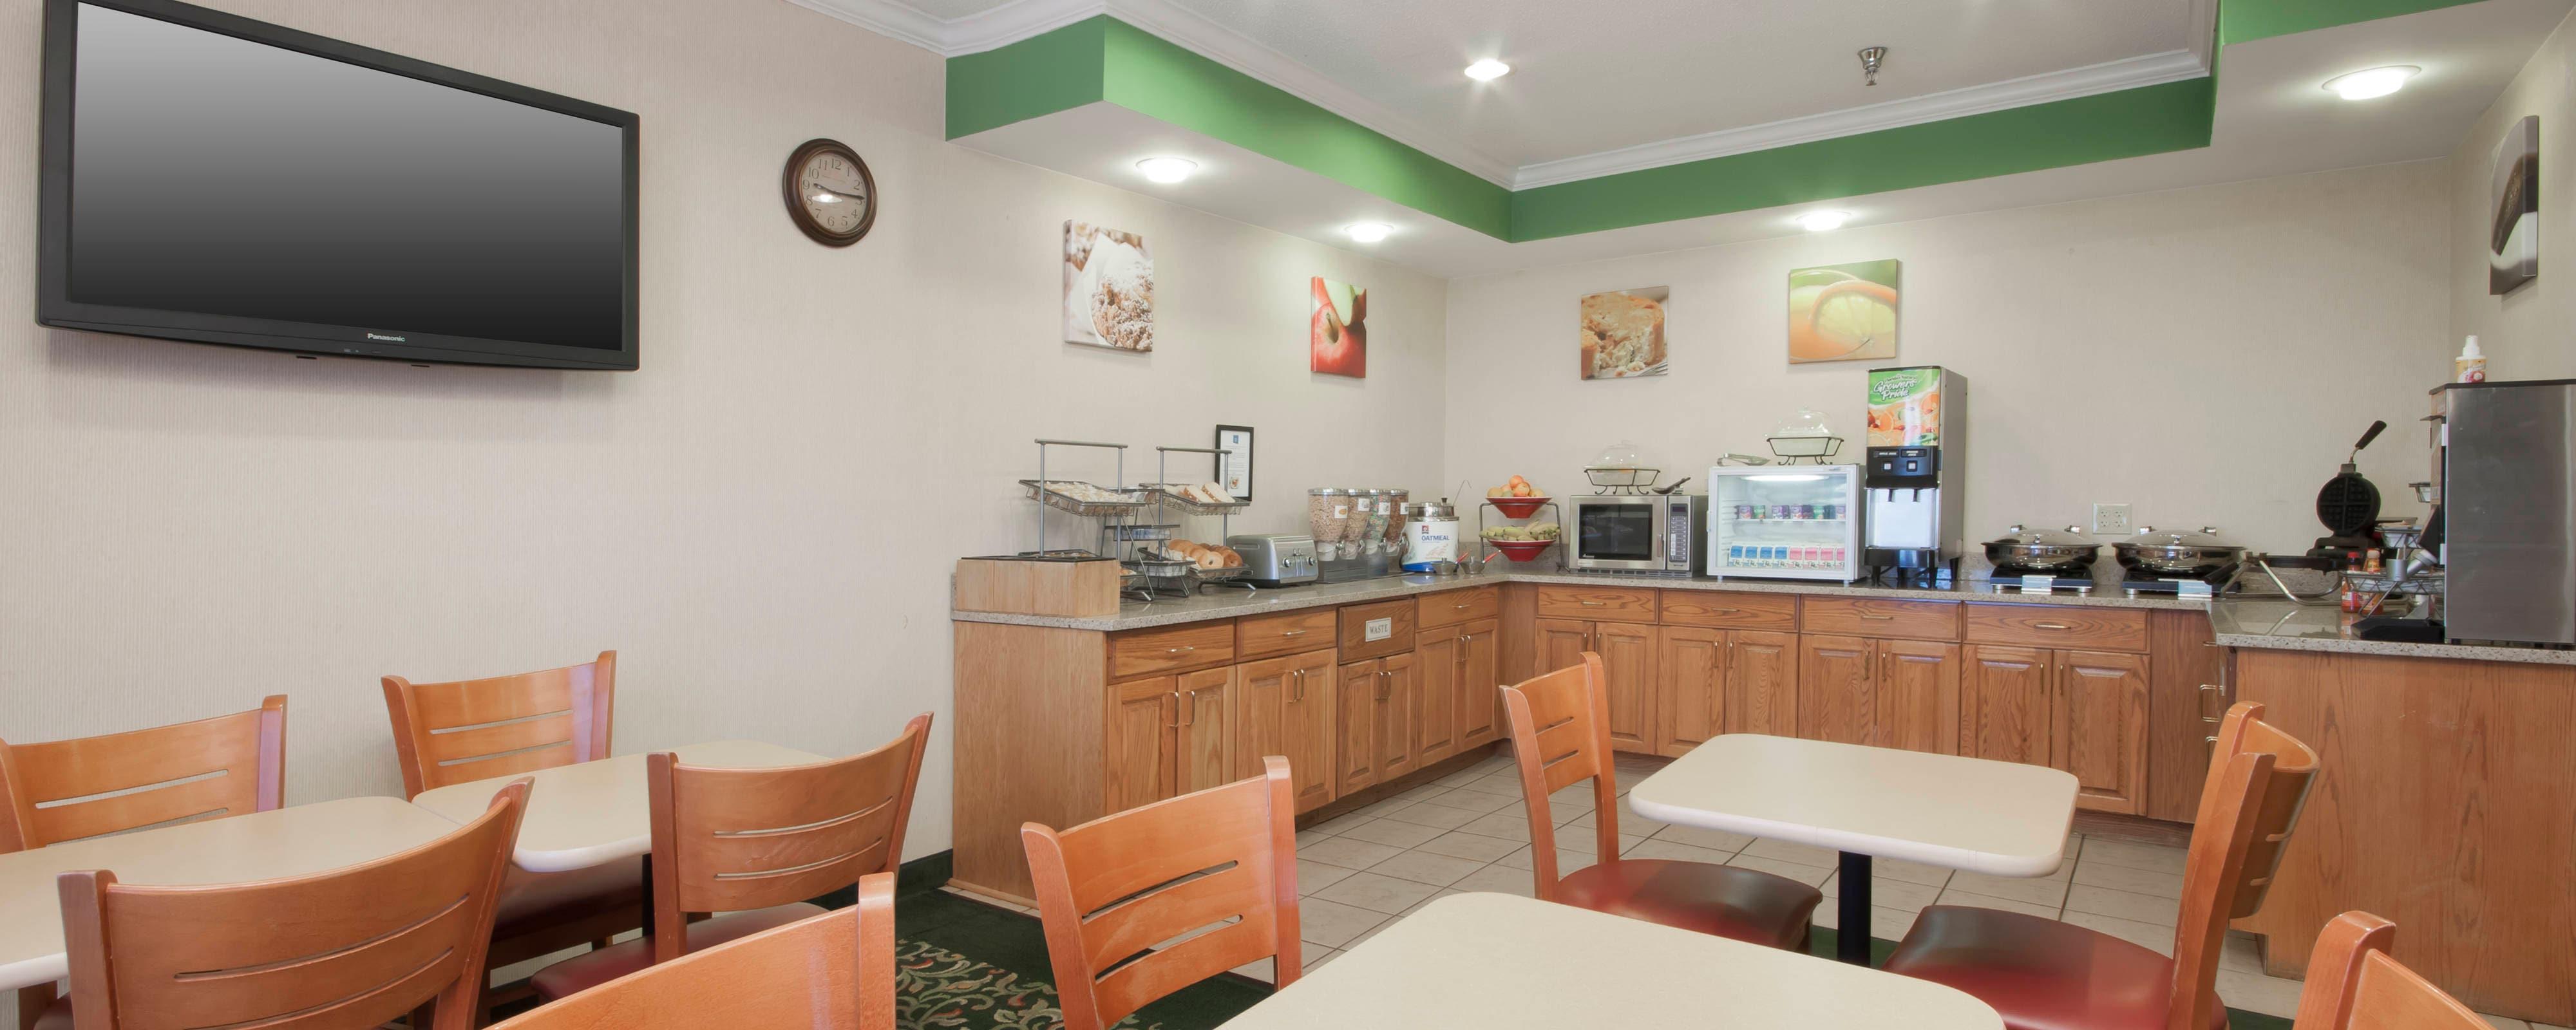 Kostenloses Frühstück in Hotel in Sioux City